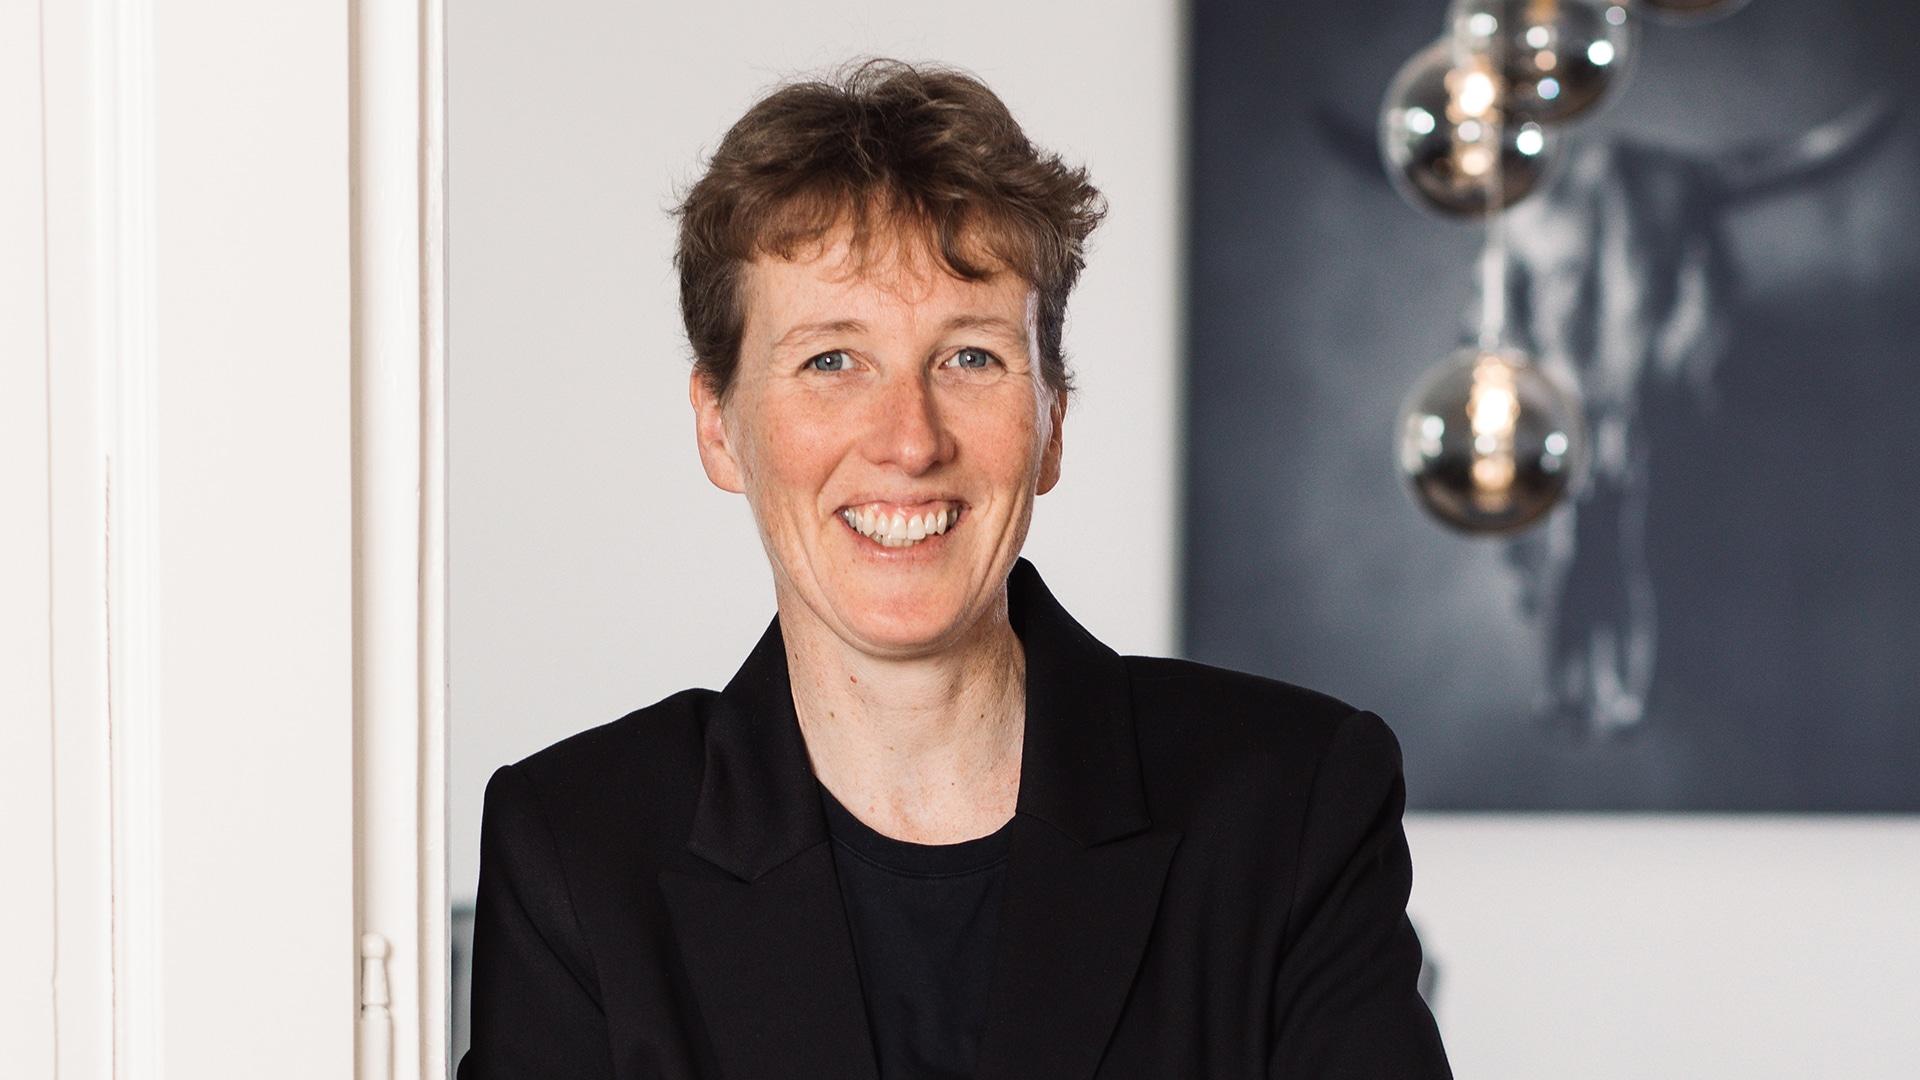 HELLO BEAUTY Marketing GmbH - Corine Pleunis de Vaal - Ich erstelle die Basis der Kampagnen und kann es nie erwarten die finalen Ergebnisse zu erfahren. Ich bin ein Teil davon und stolz darauf.